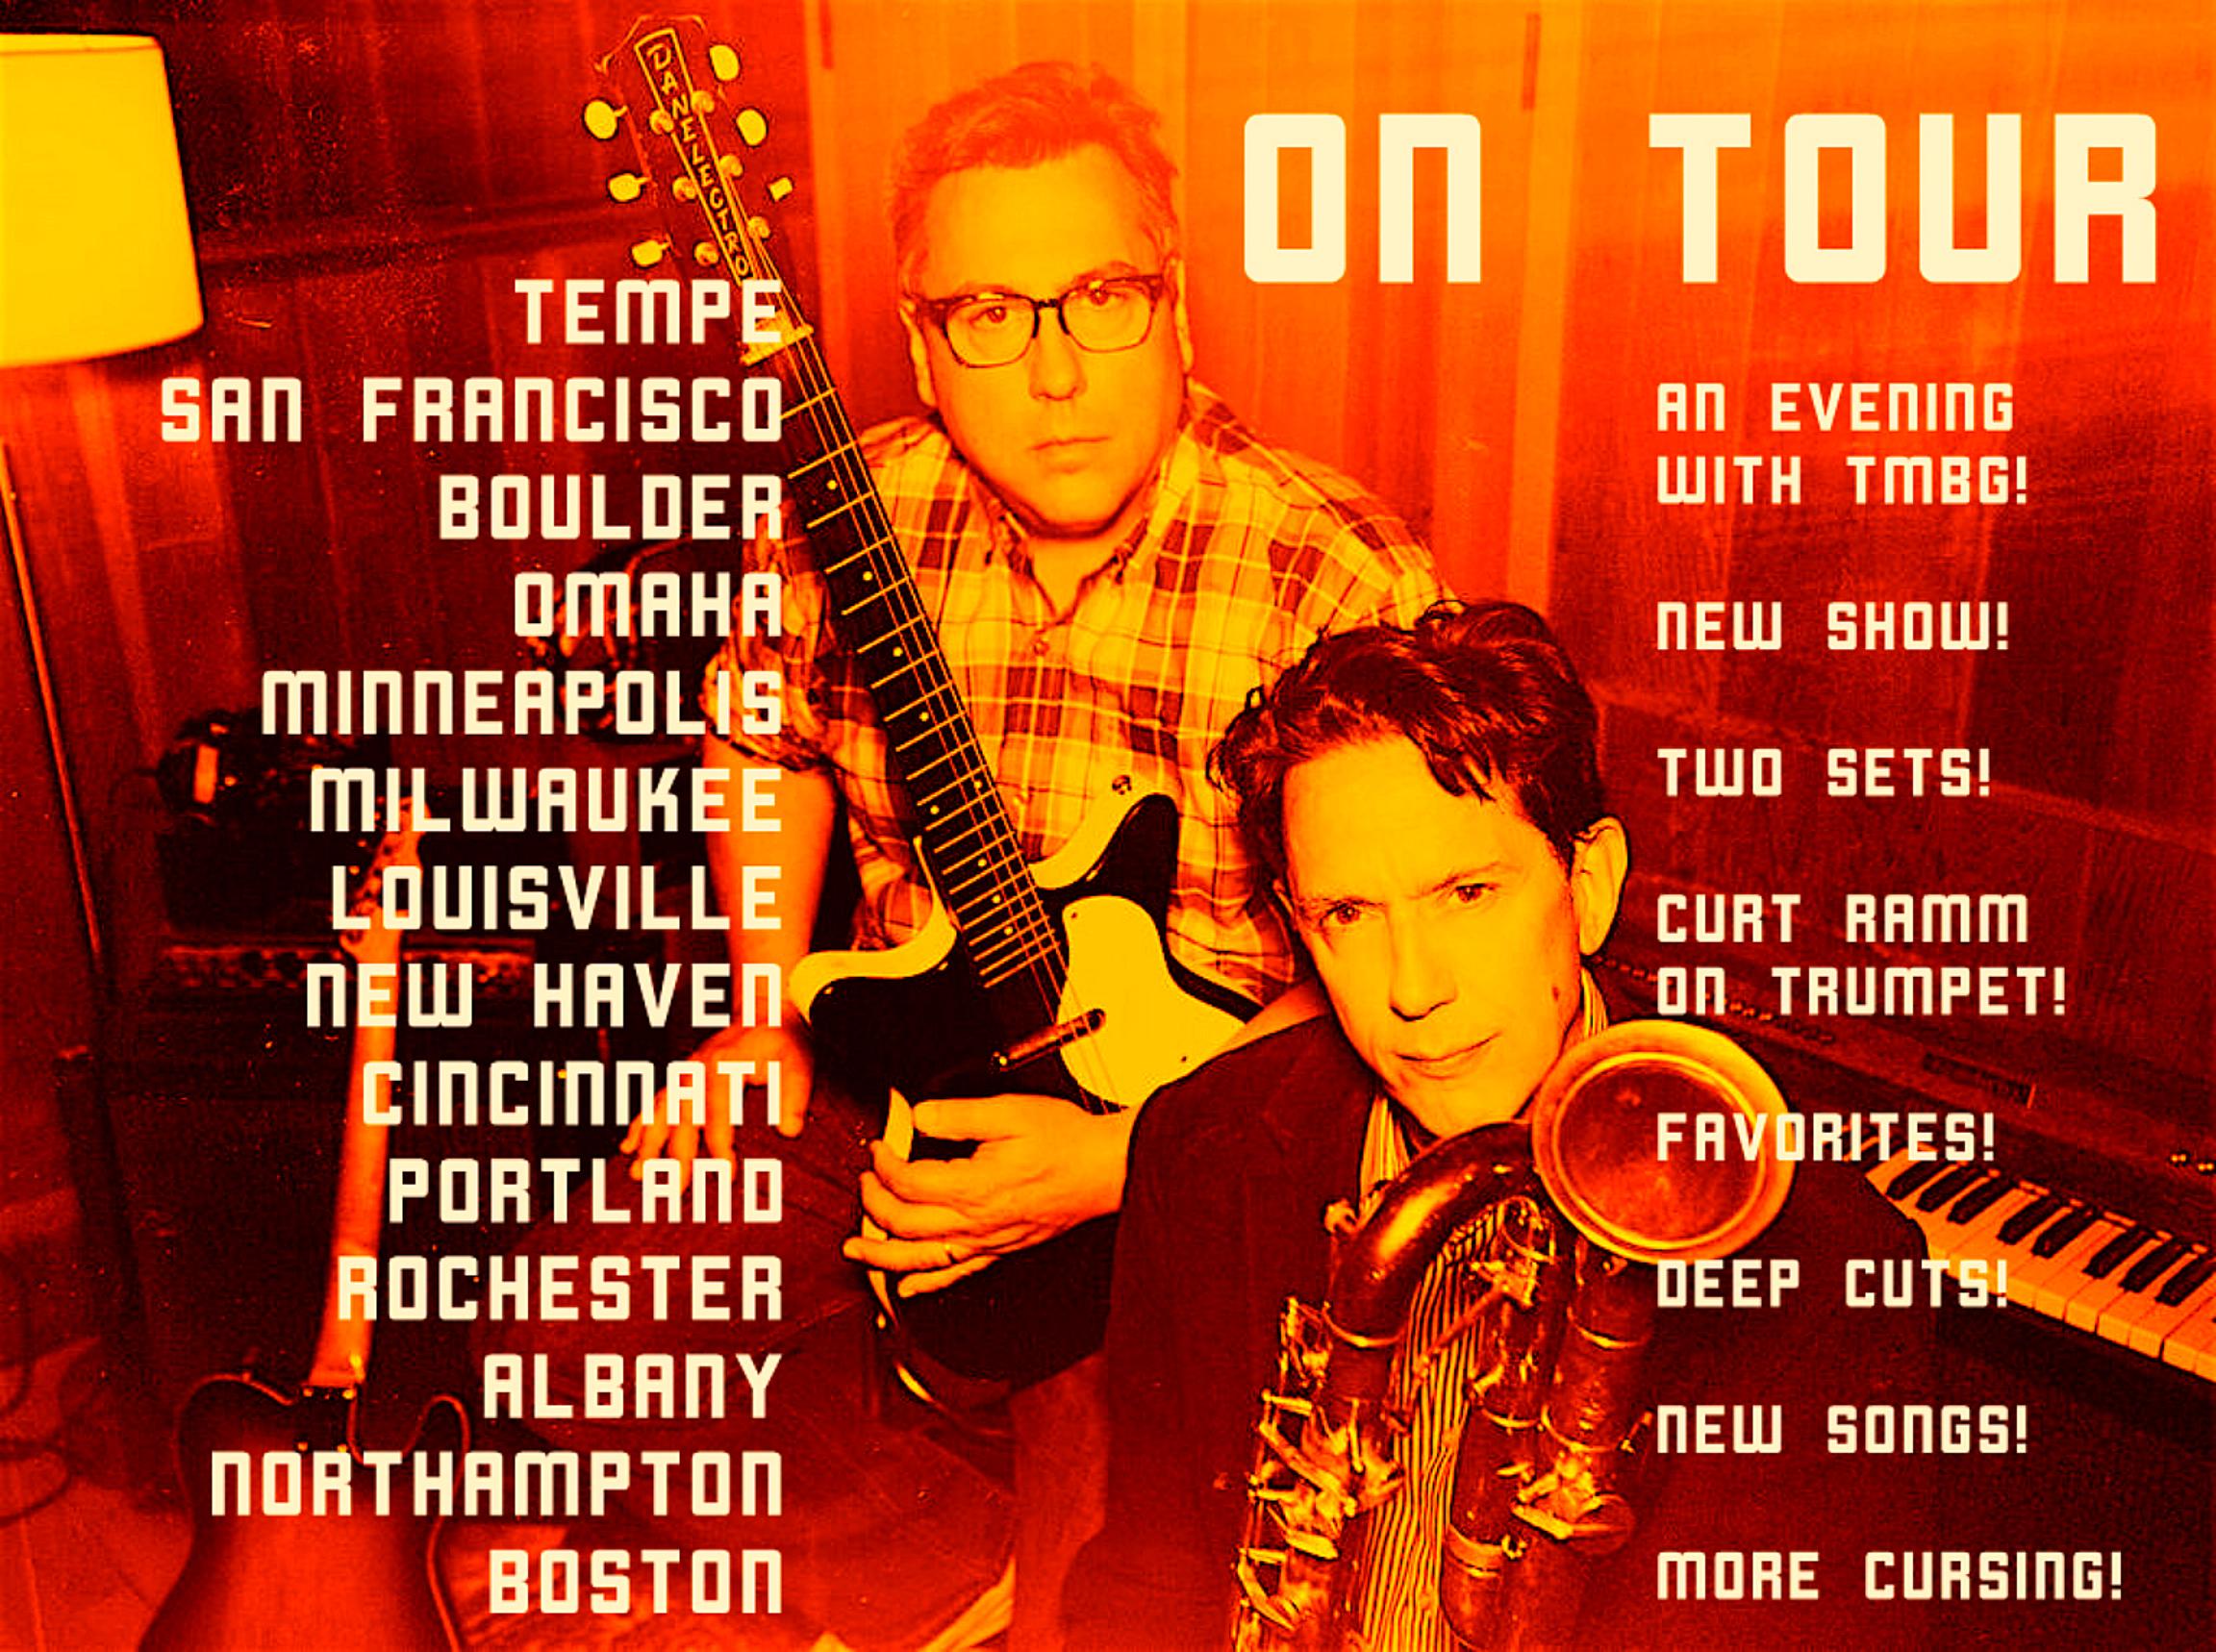 3.1 TMBG on tour poster VIII.jpg